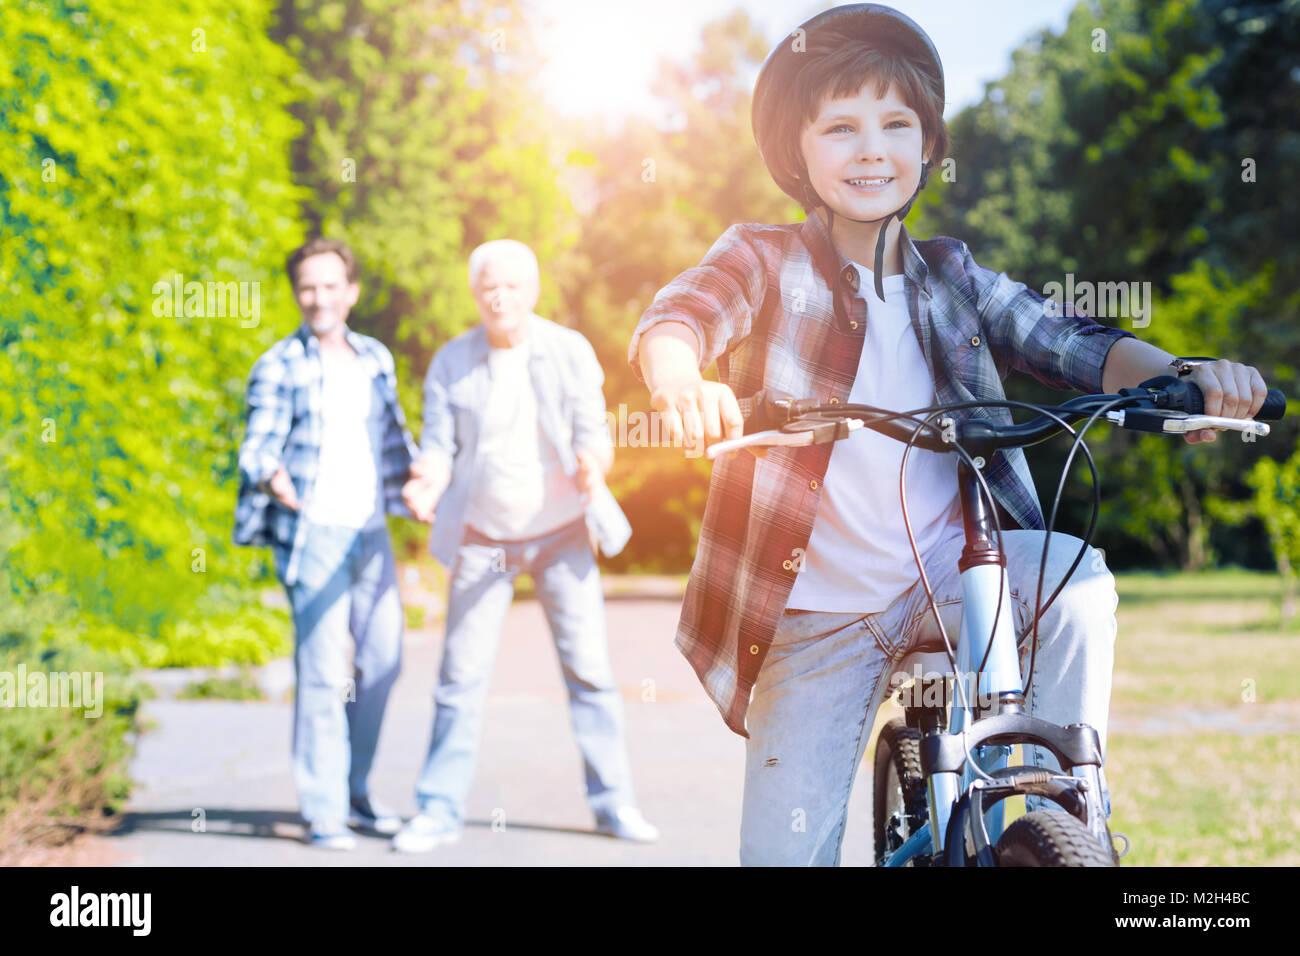 Emocionada kid aprendiendo a andar en bicicleta al aire libre Imagen De Stock